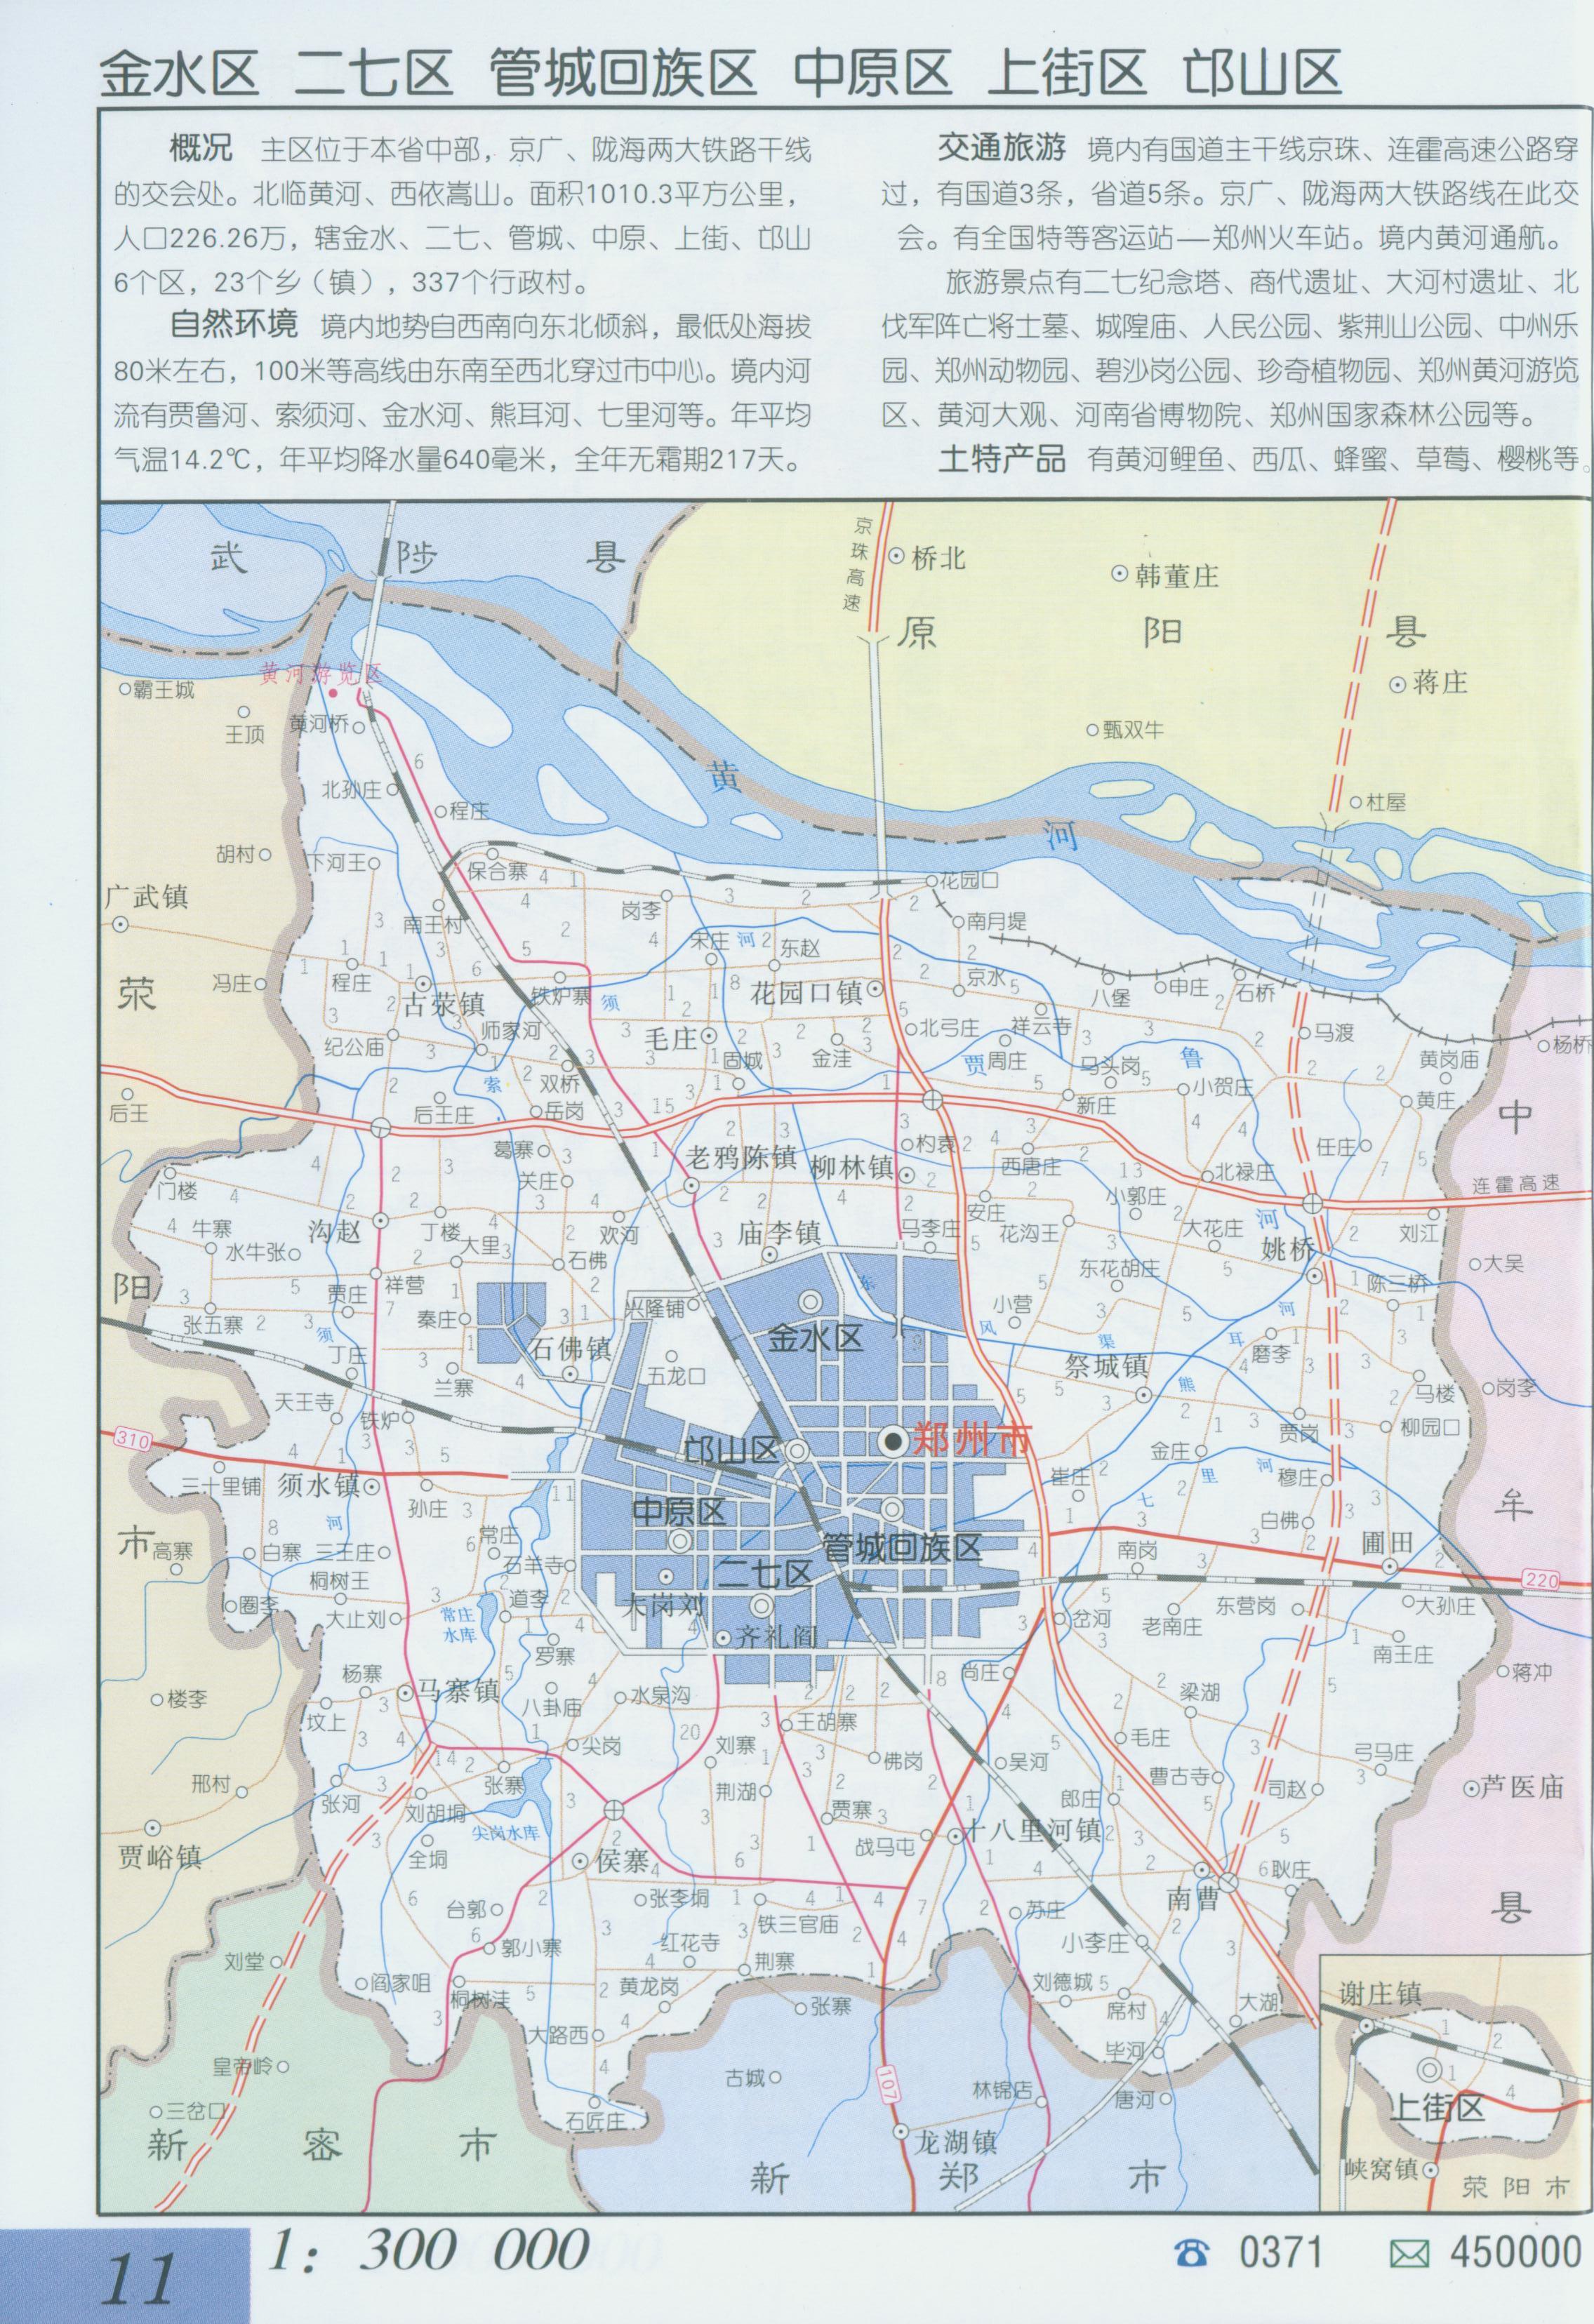 郑州地图全图高清版本 图片合集